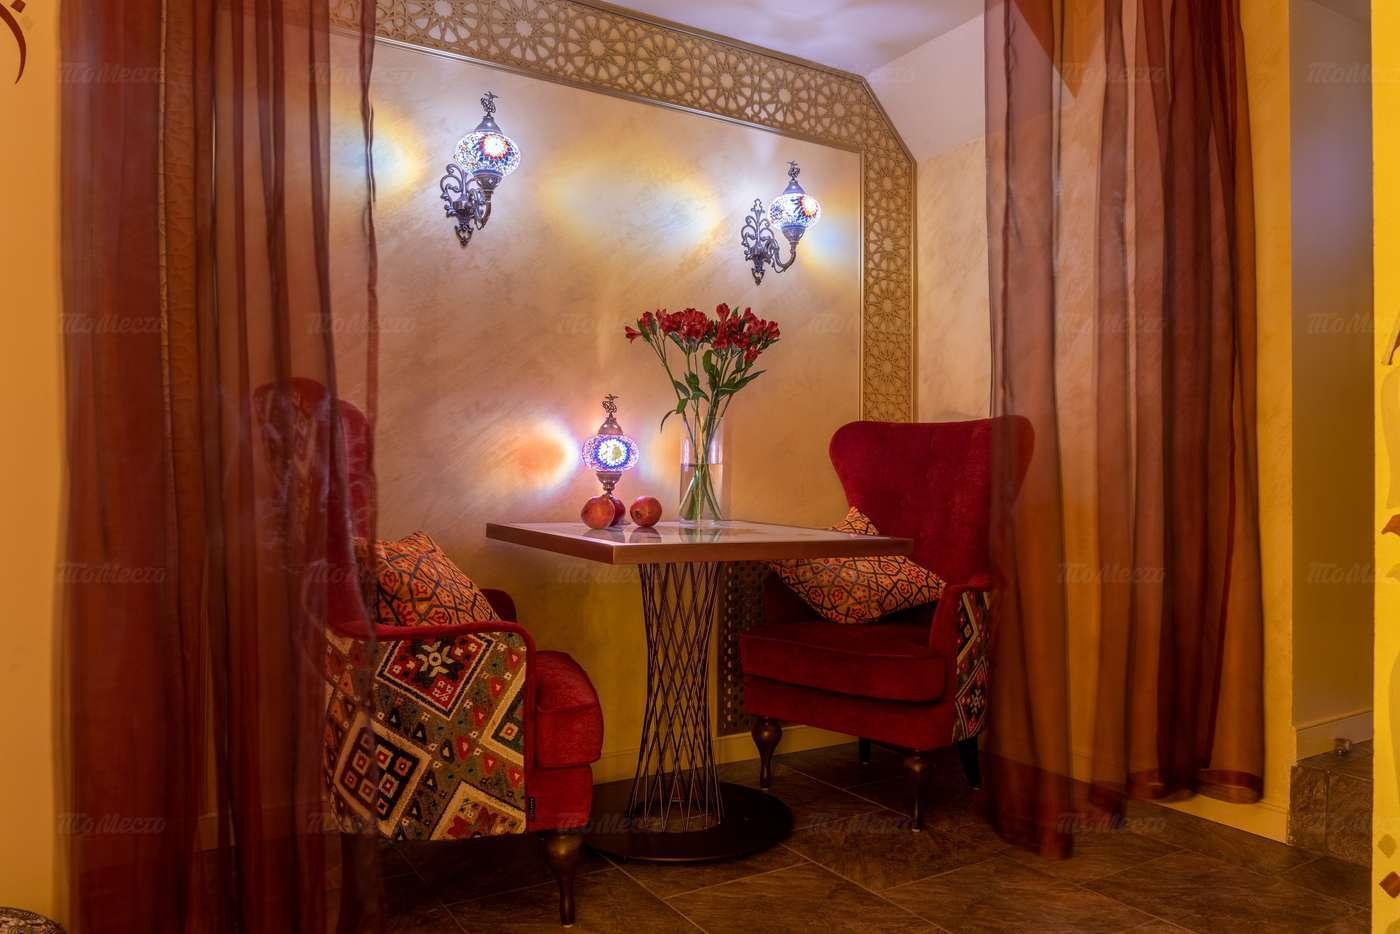 Ресторан Омар Хайям в Большом Черкасском переулке фото 19